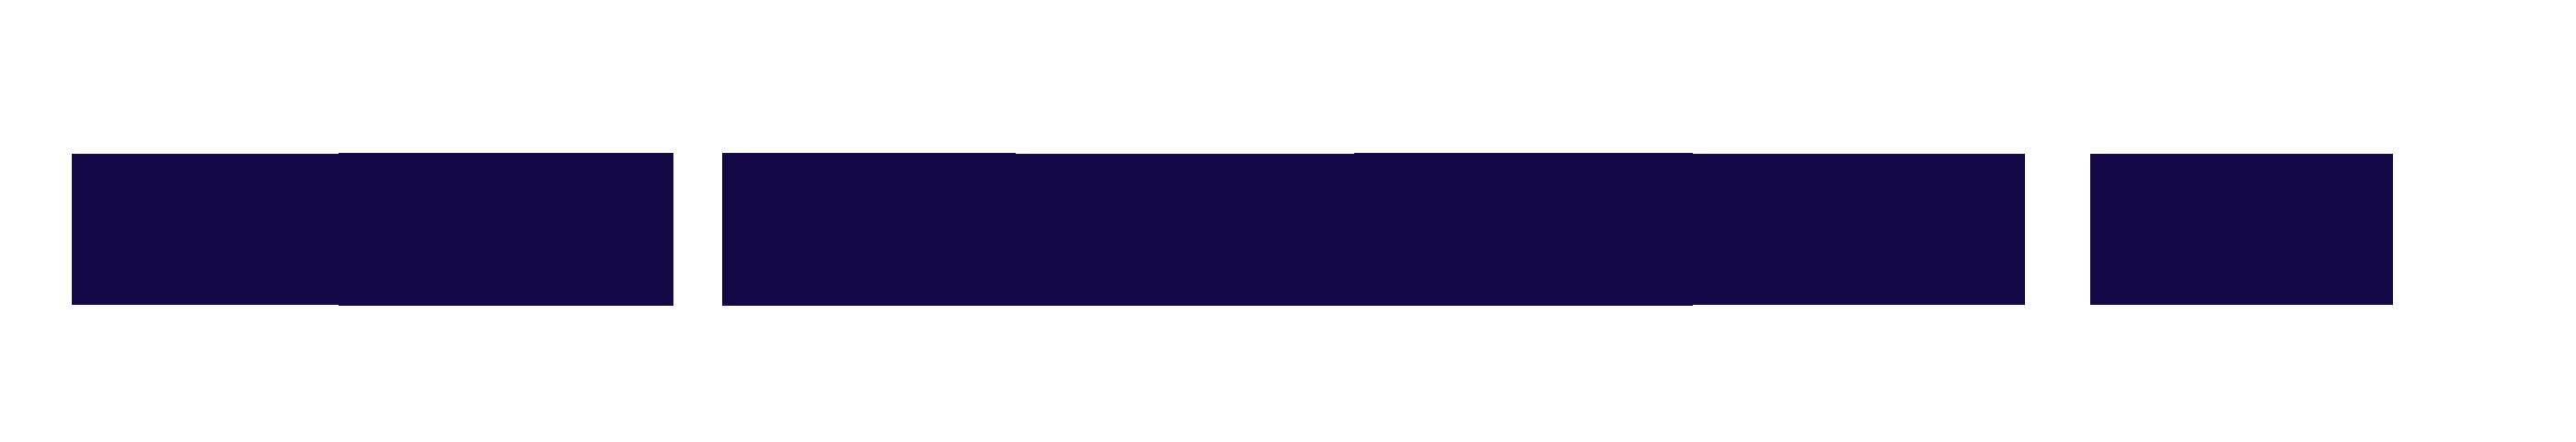 GetActivatedLive